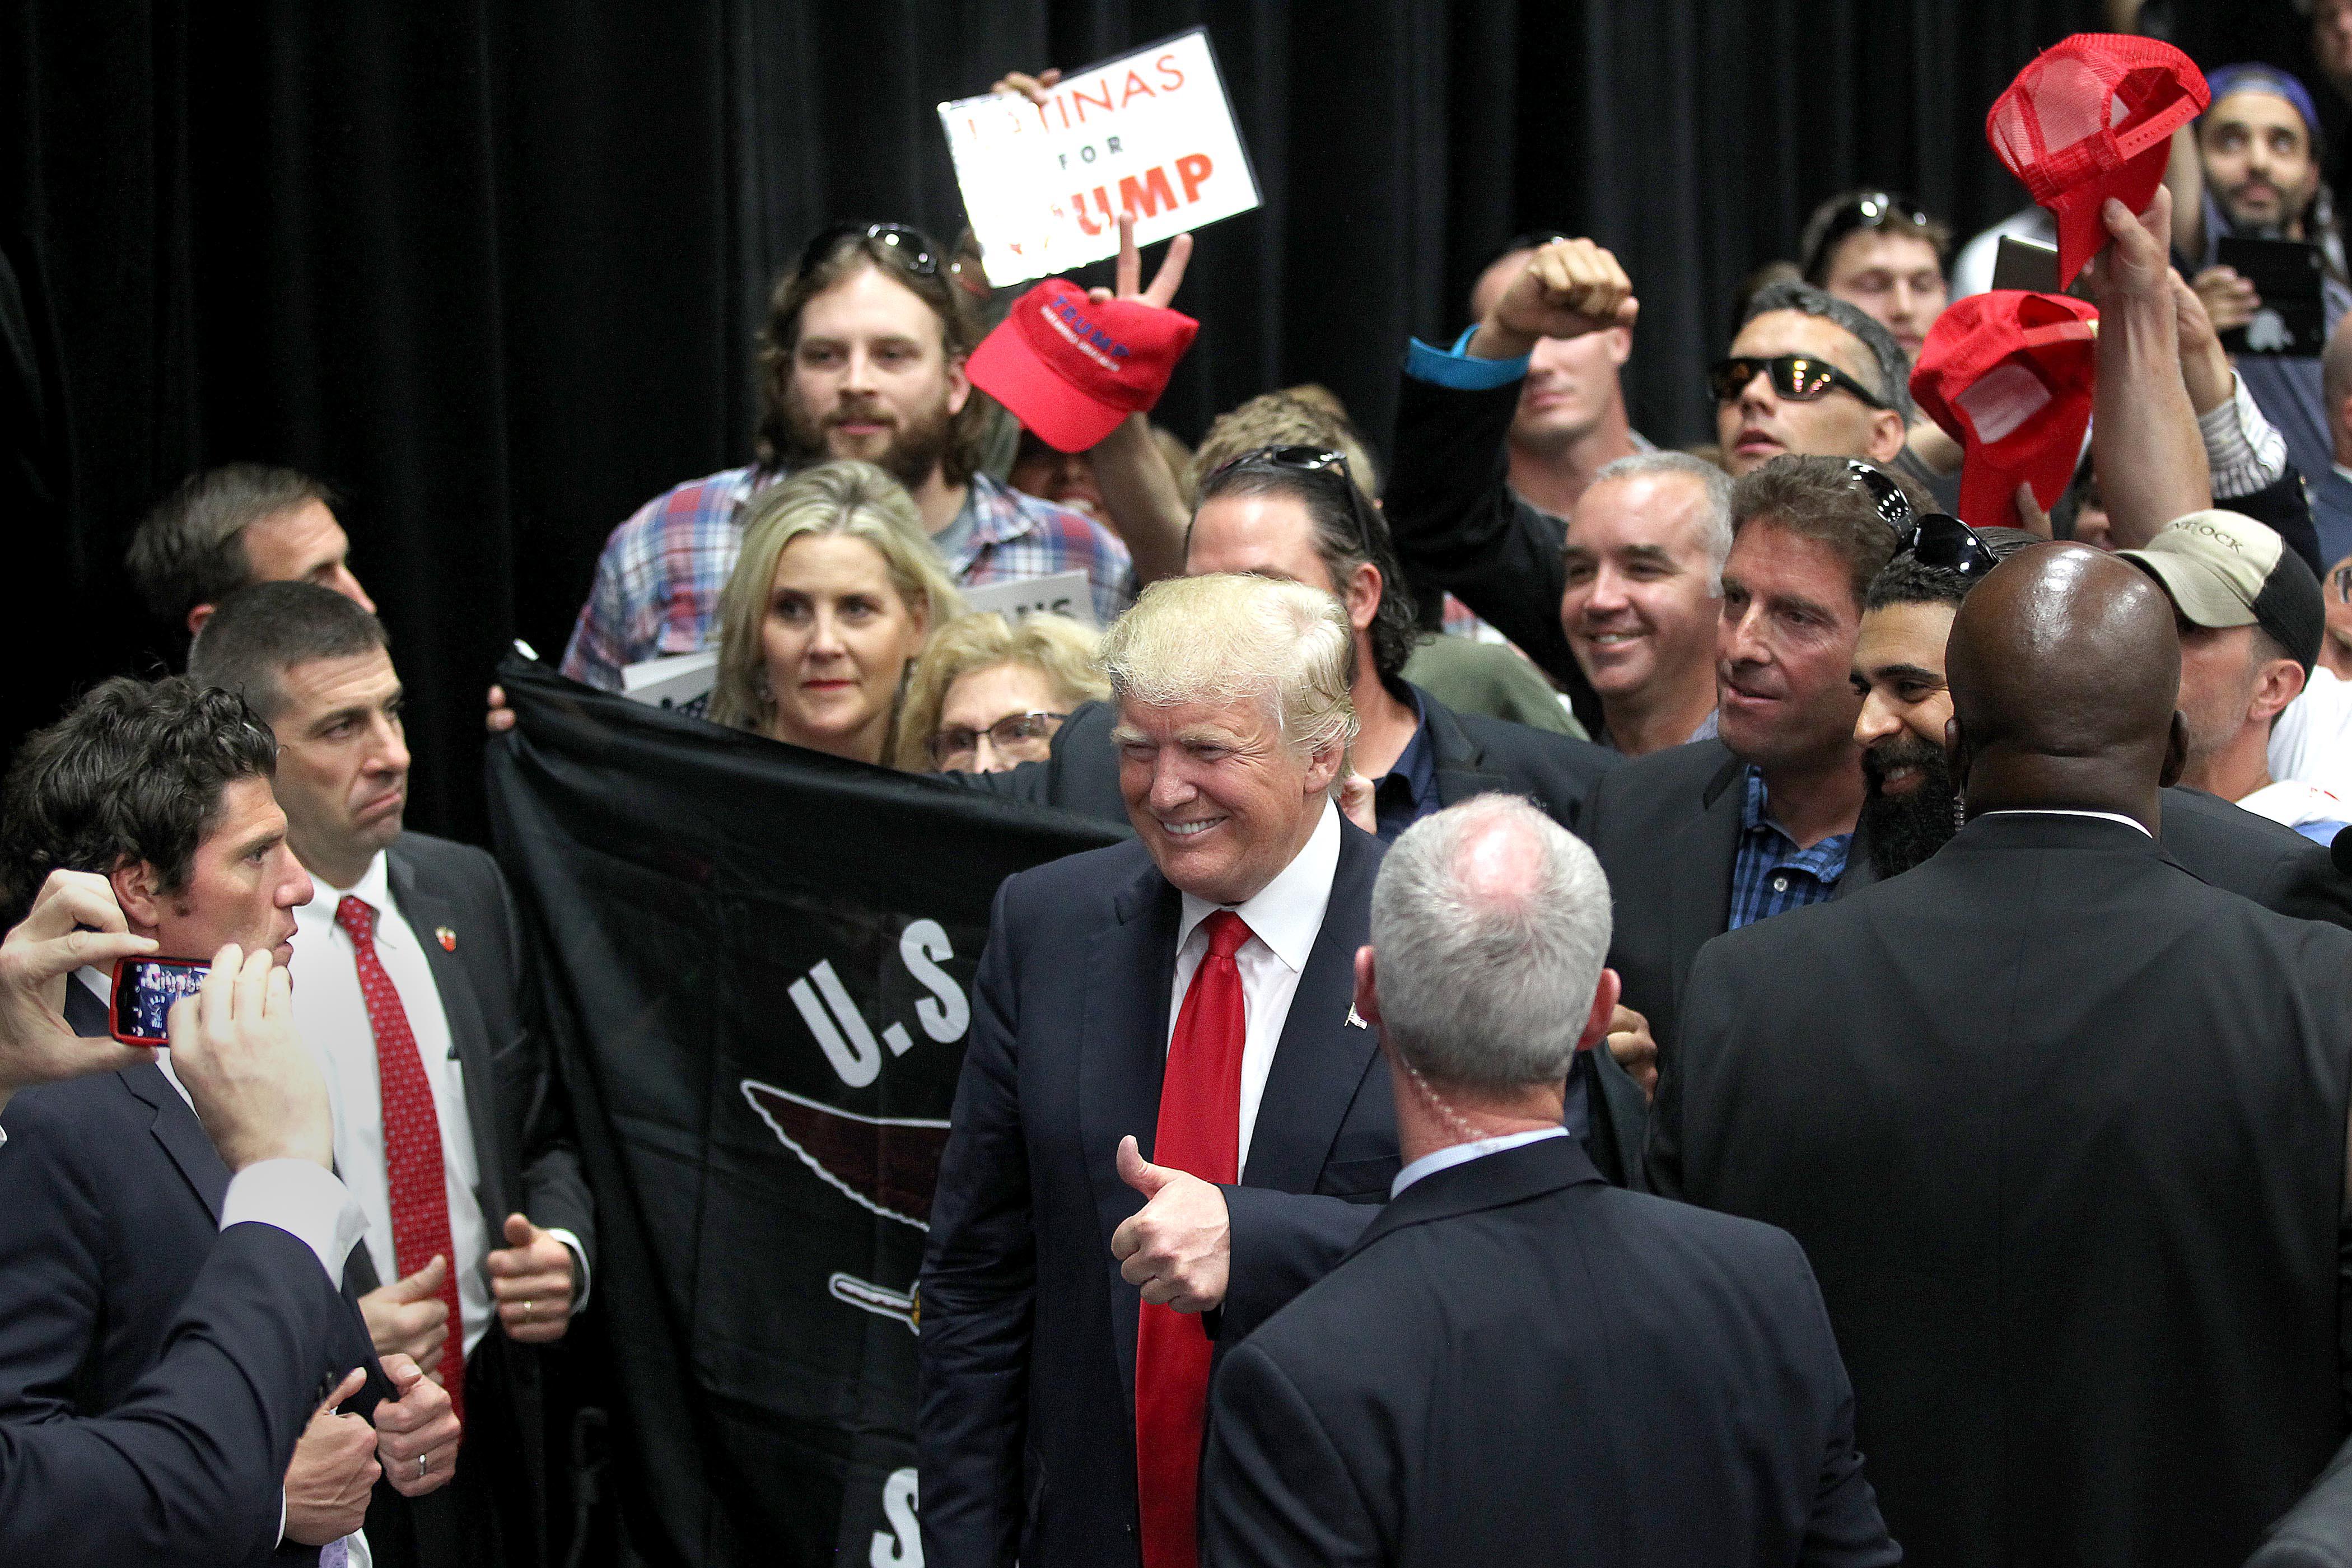 川普在支持者簇擁下,準備離開聖地牙哥的演講會場。(美聯社)